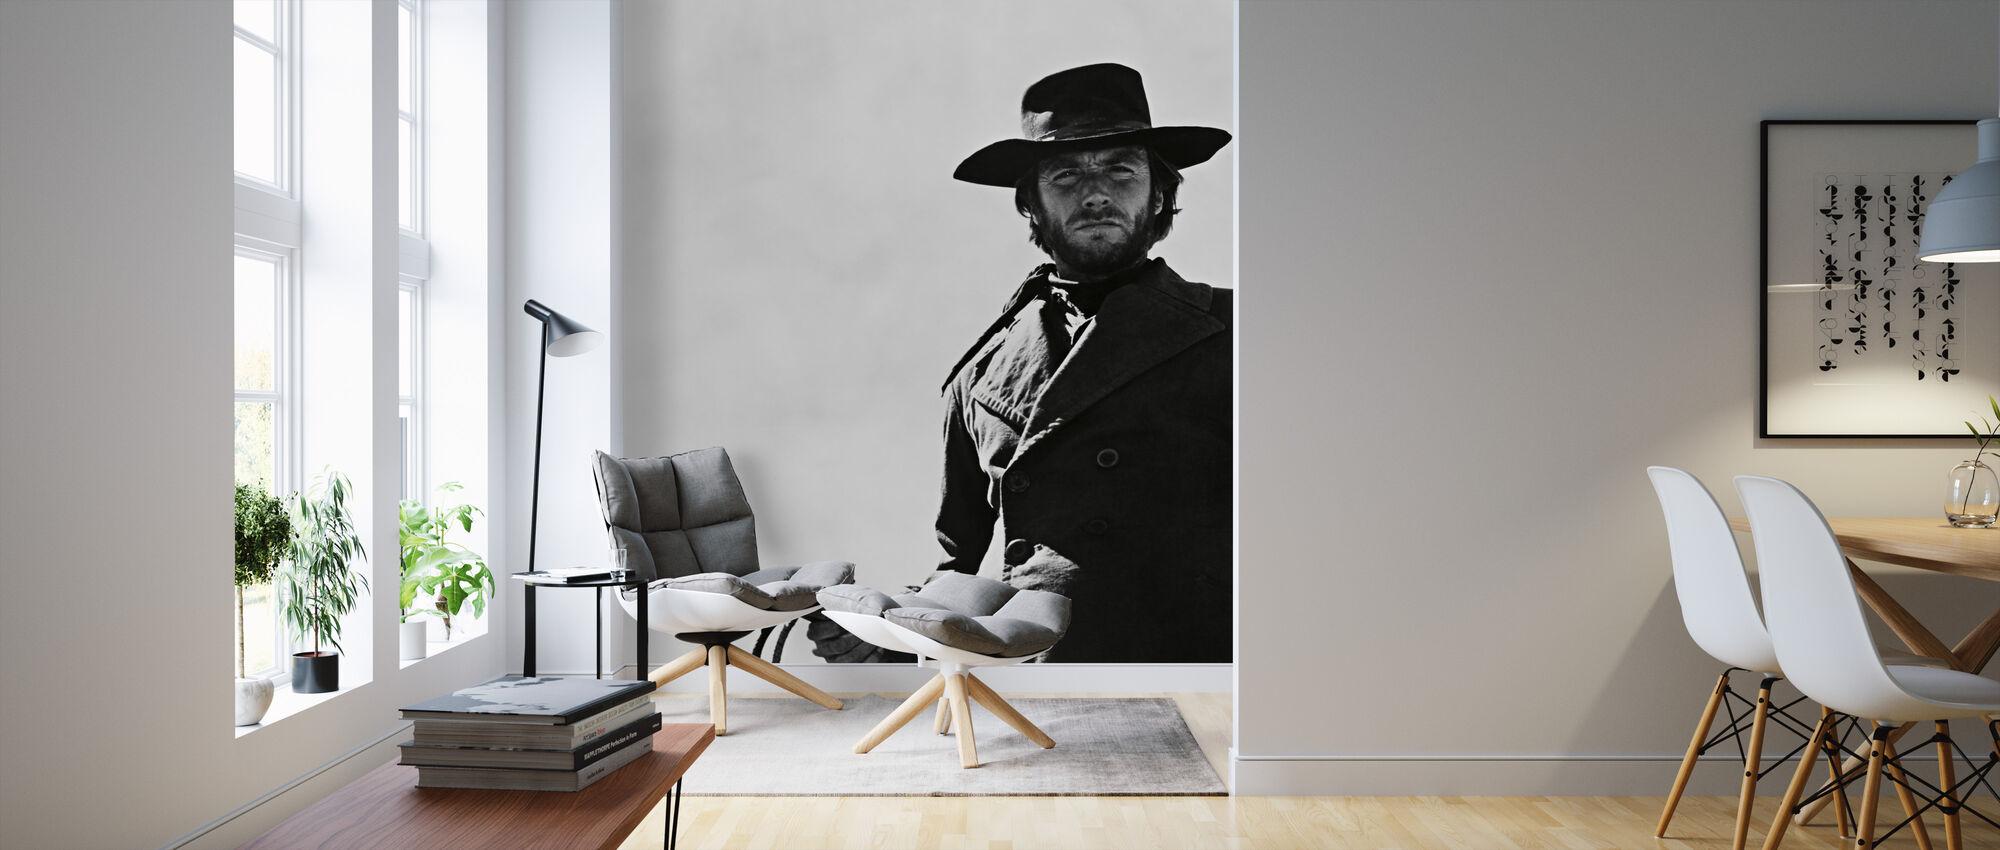 High Plains Drifter - Clint Eastwood - Behang - Woonkamer